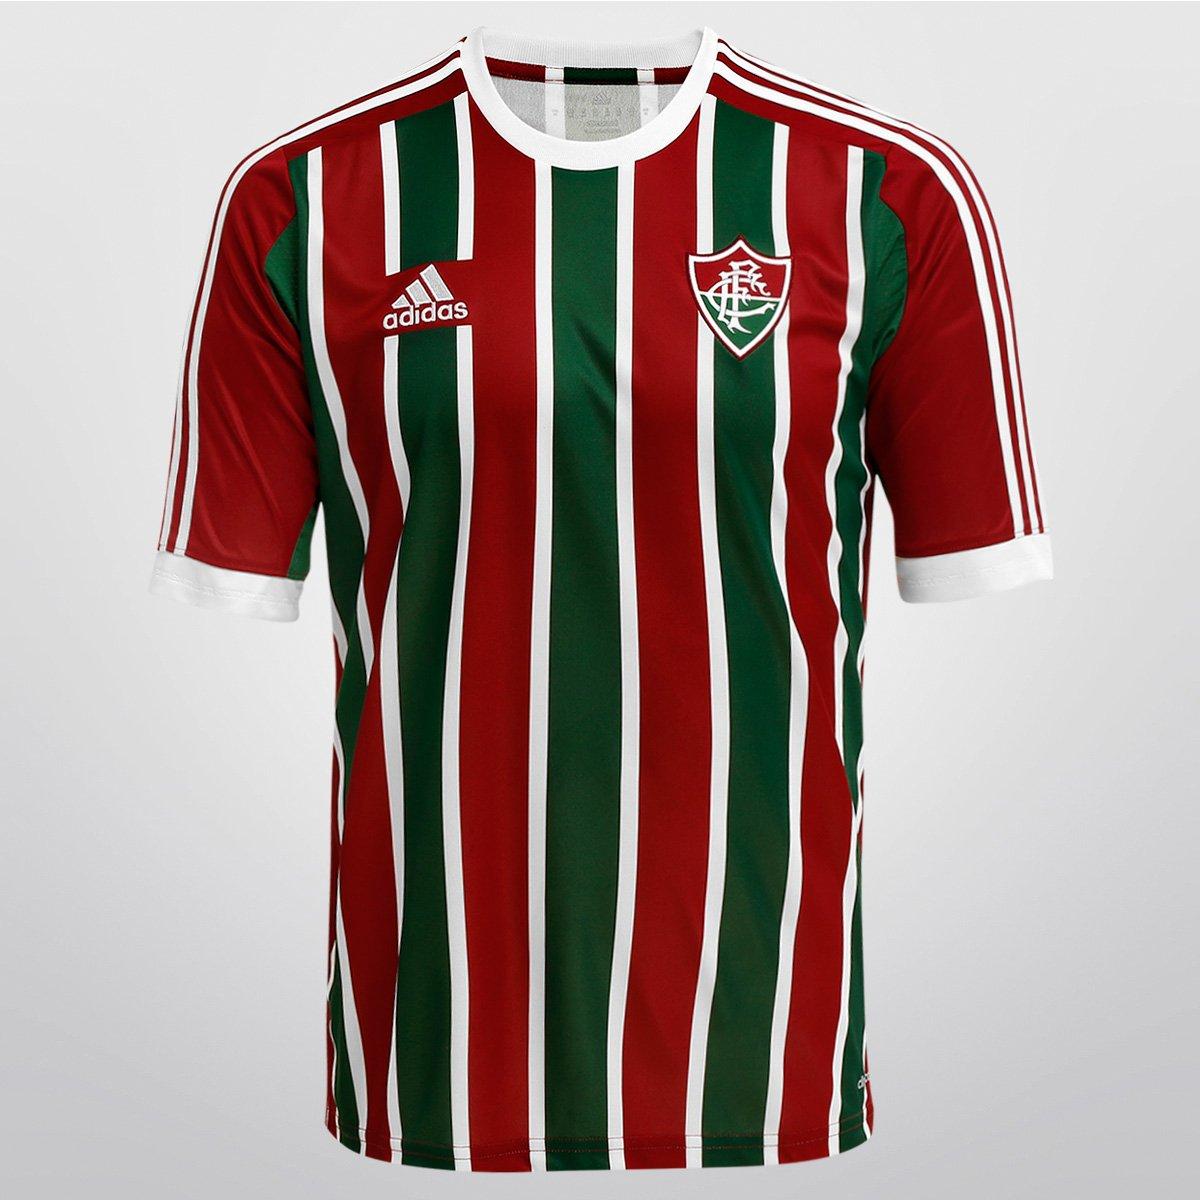 Camisa Adidas Fluminense I 2015 s nº - Compre Agora  72fdd098333dc